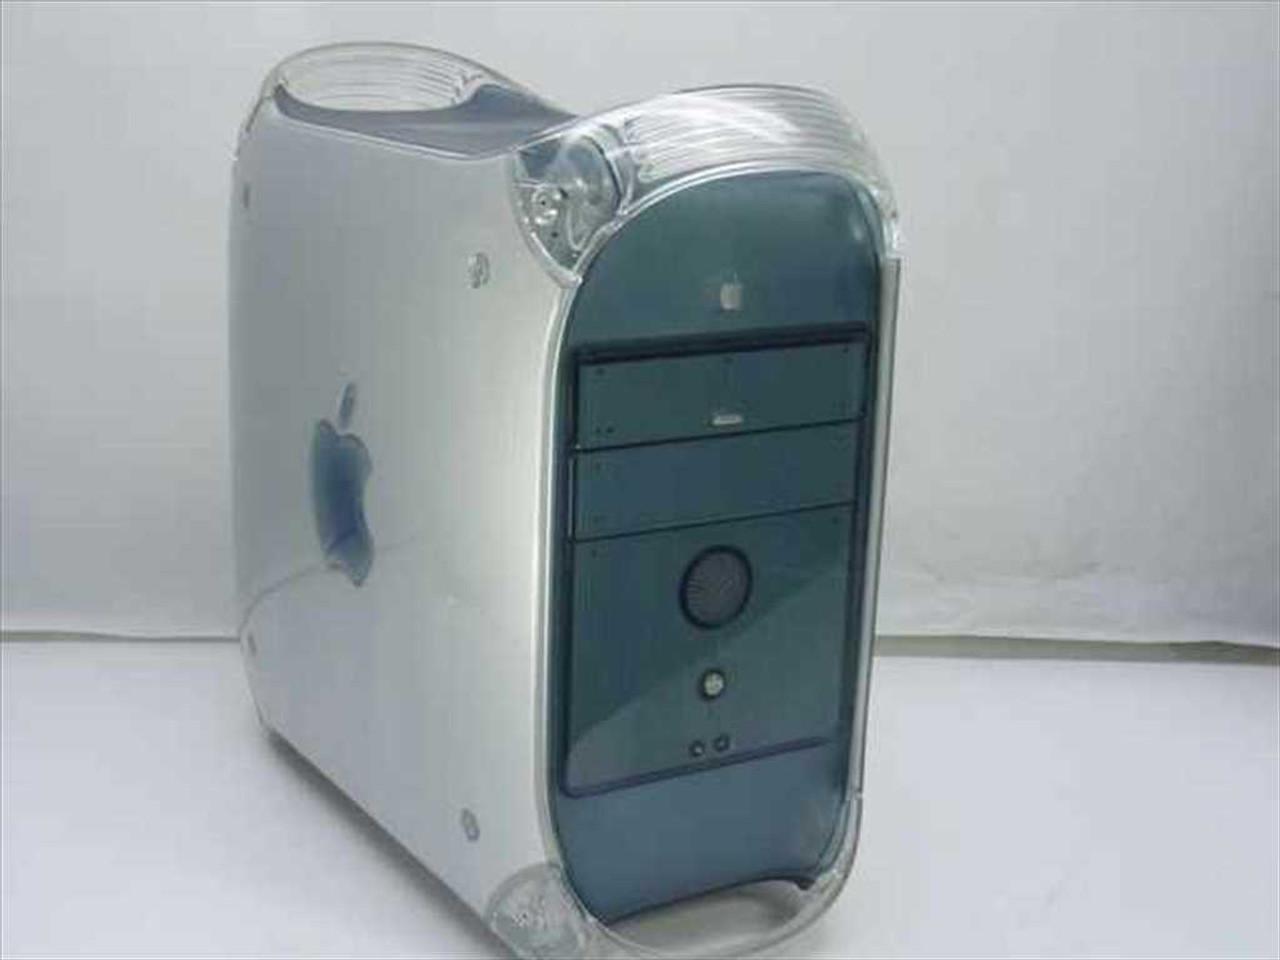 power mac g4 m5183 manual